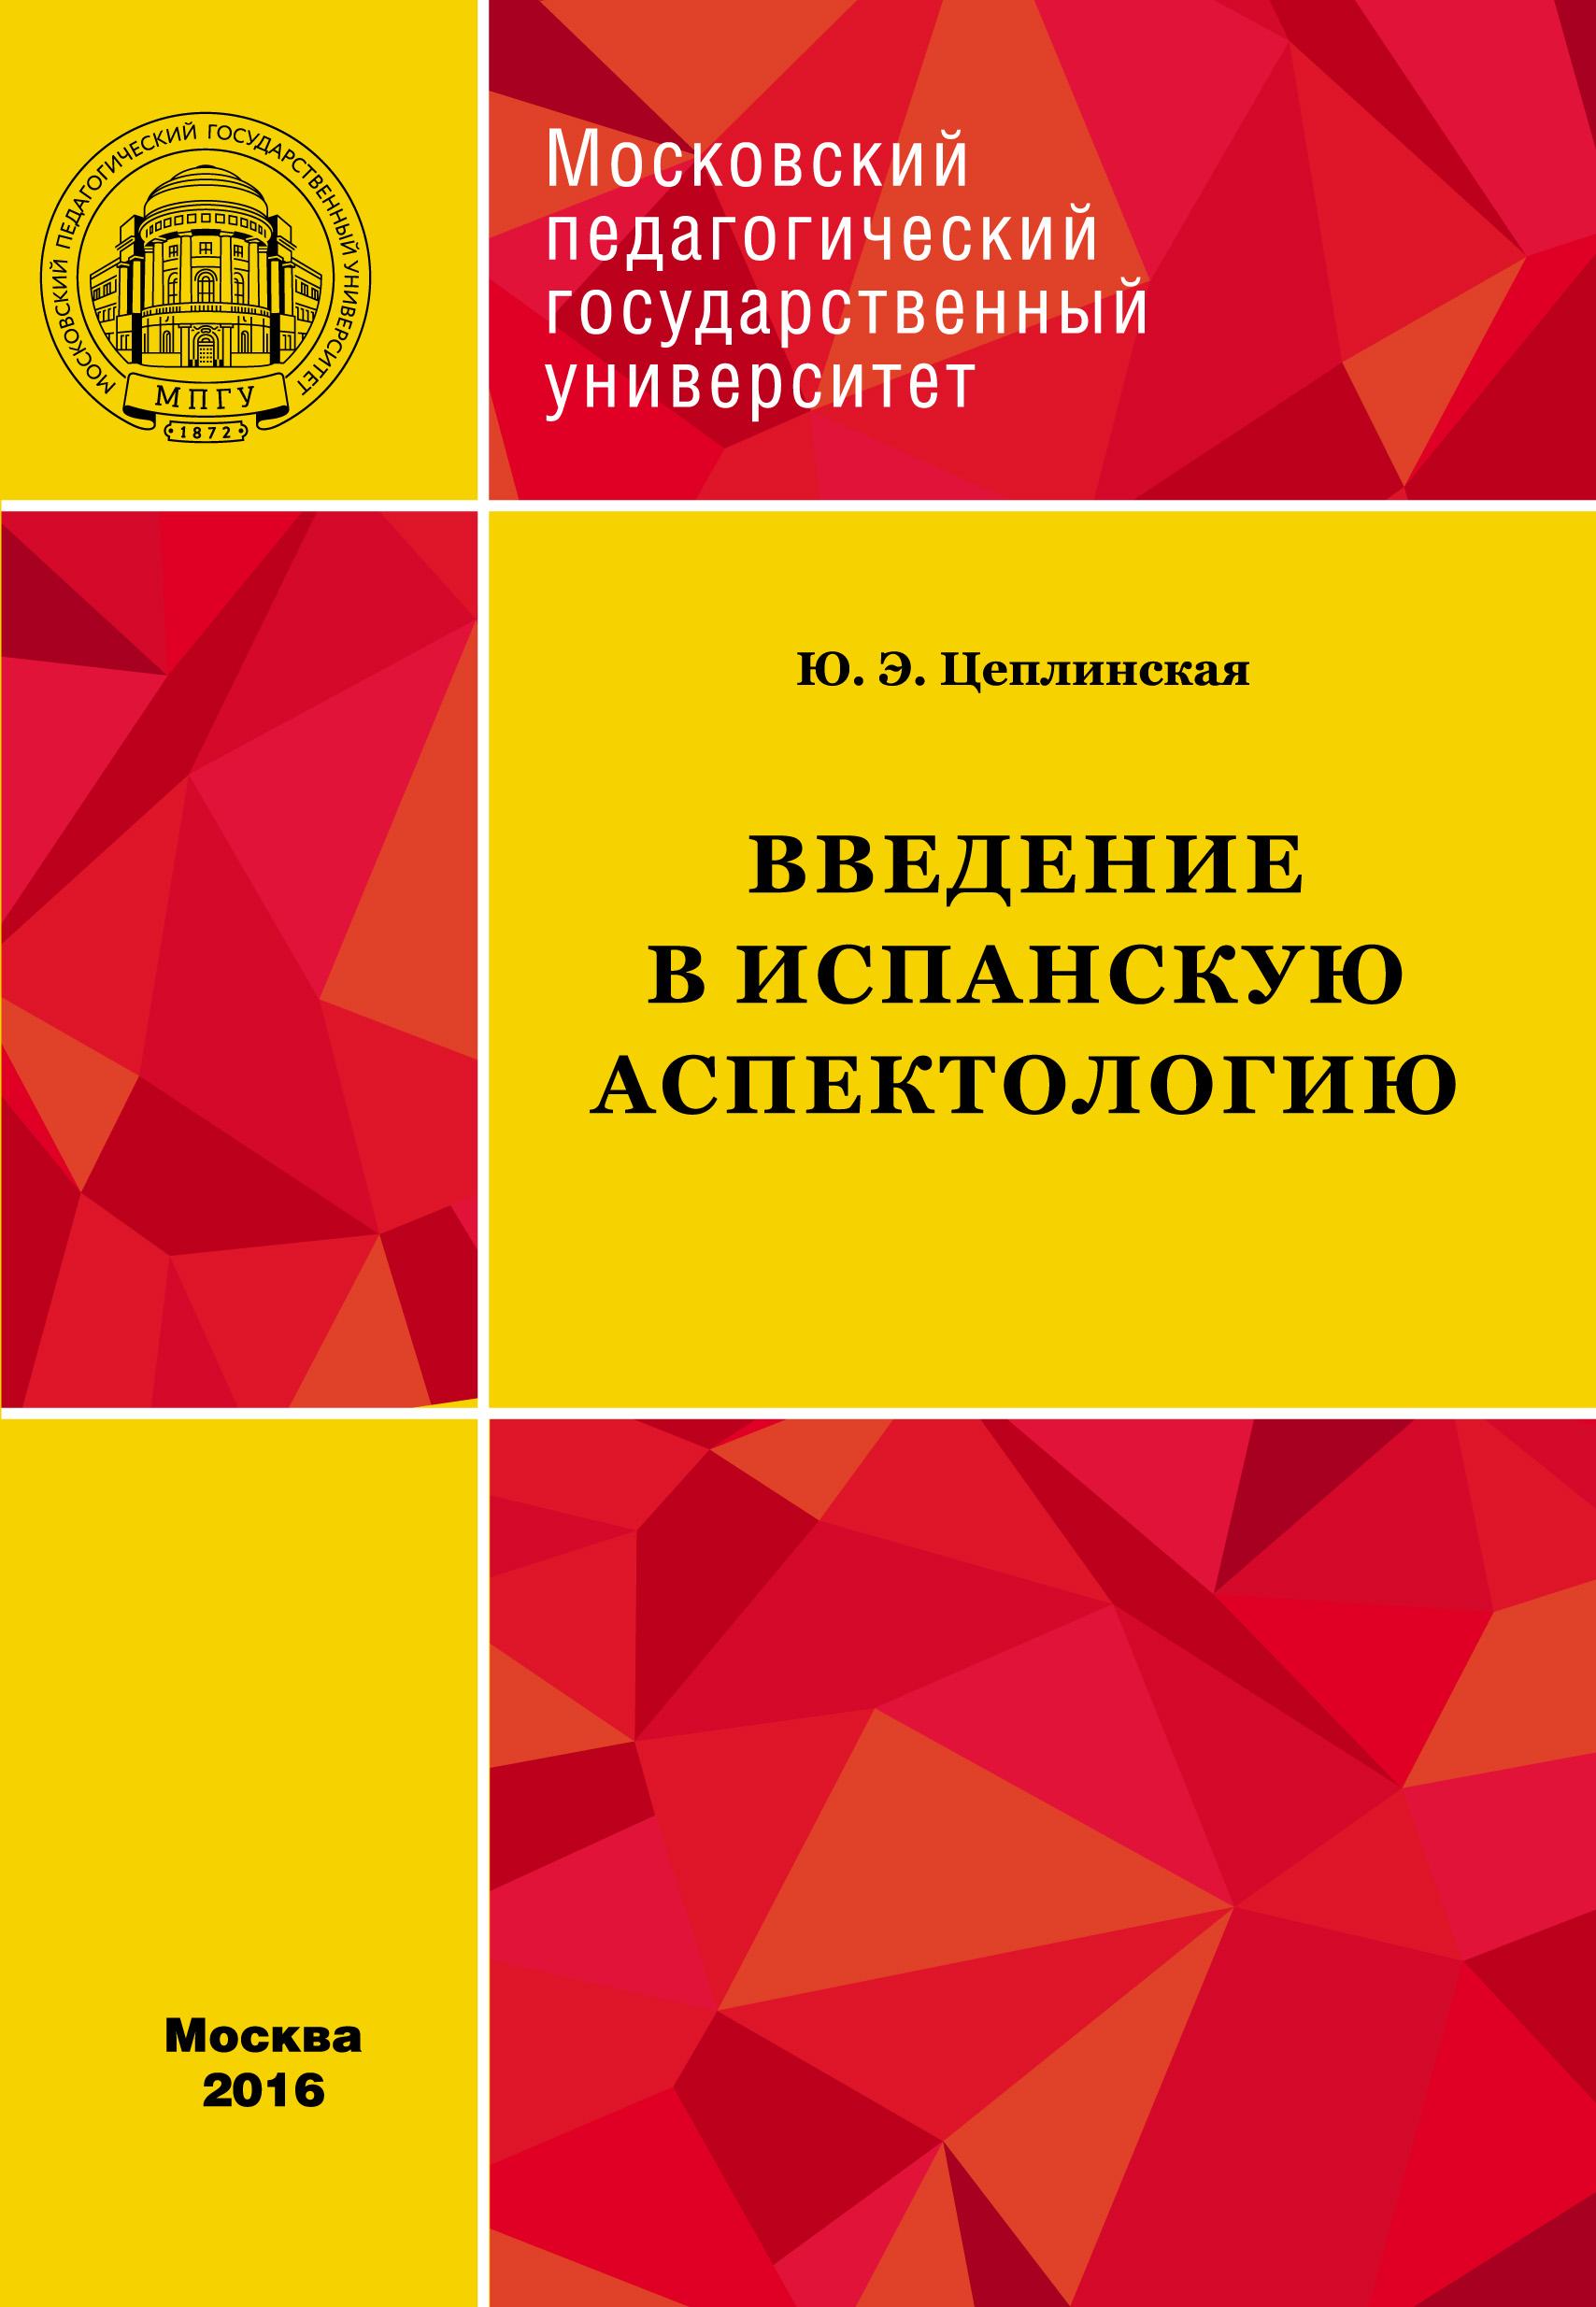 Юлия Цеплинская Введение в испанскую аспектологию а д шмелев введение в русскую аспектологию